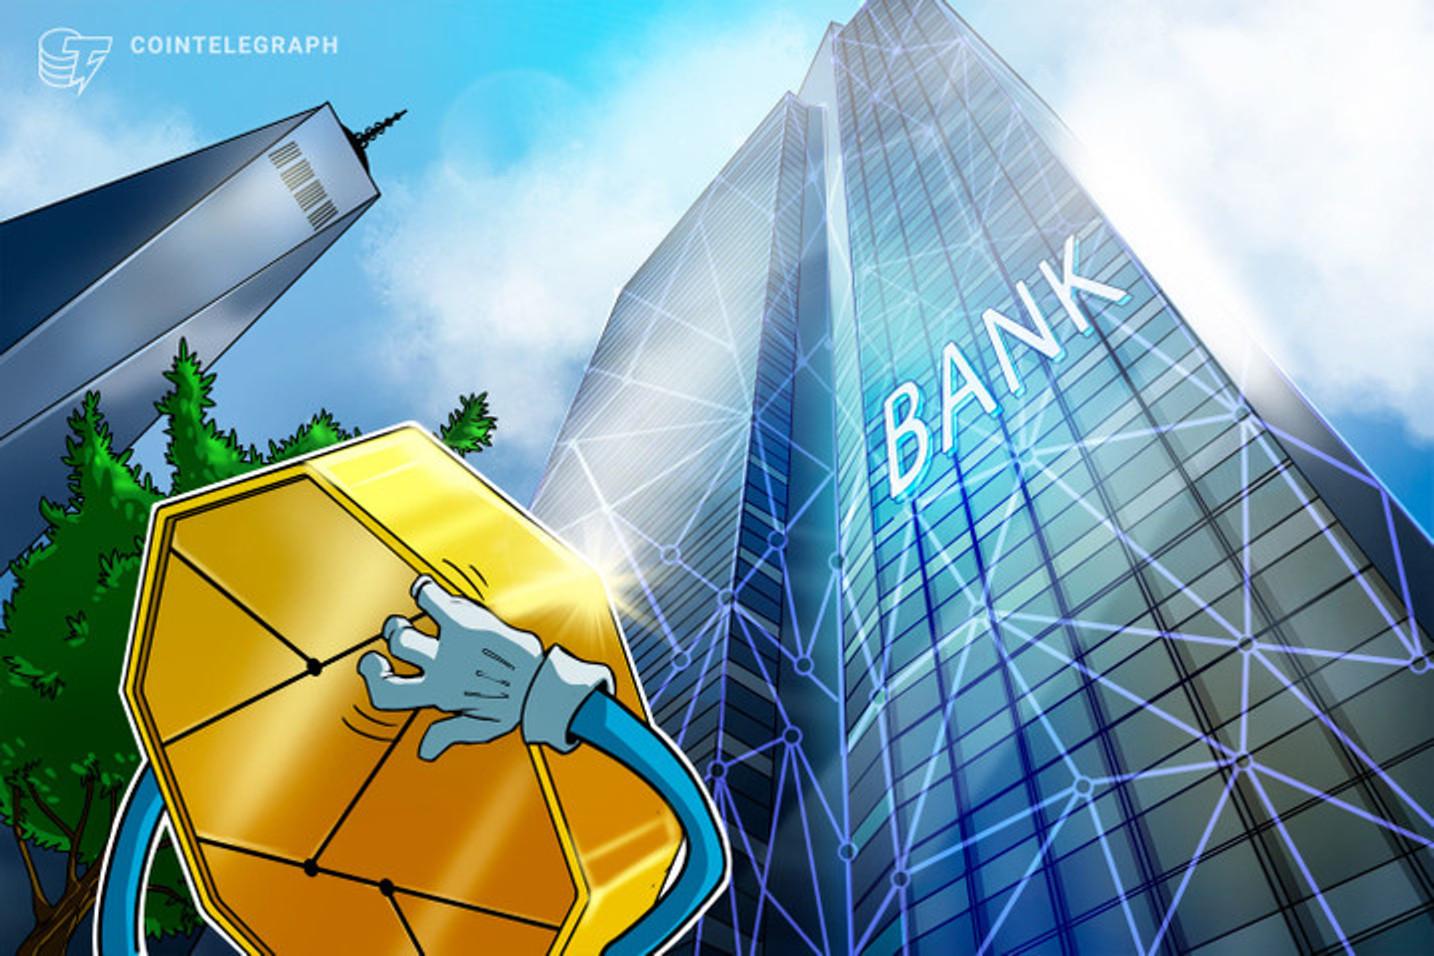 「現金によるウイルス拡散懸念でデジタル通貨の普及が加速」=国際決済銀行(BIS)レポート